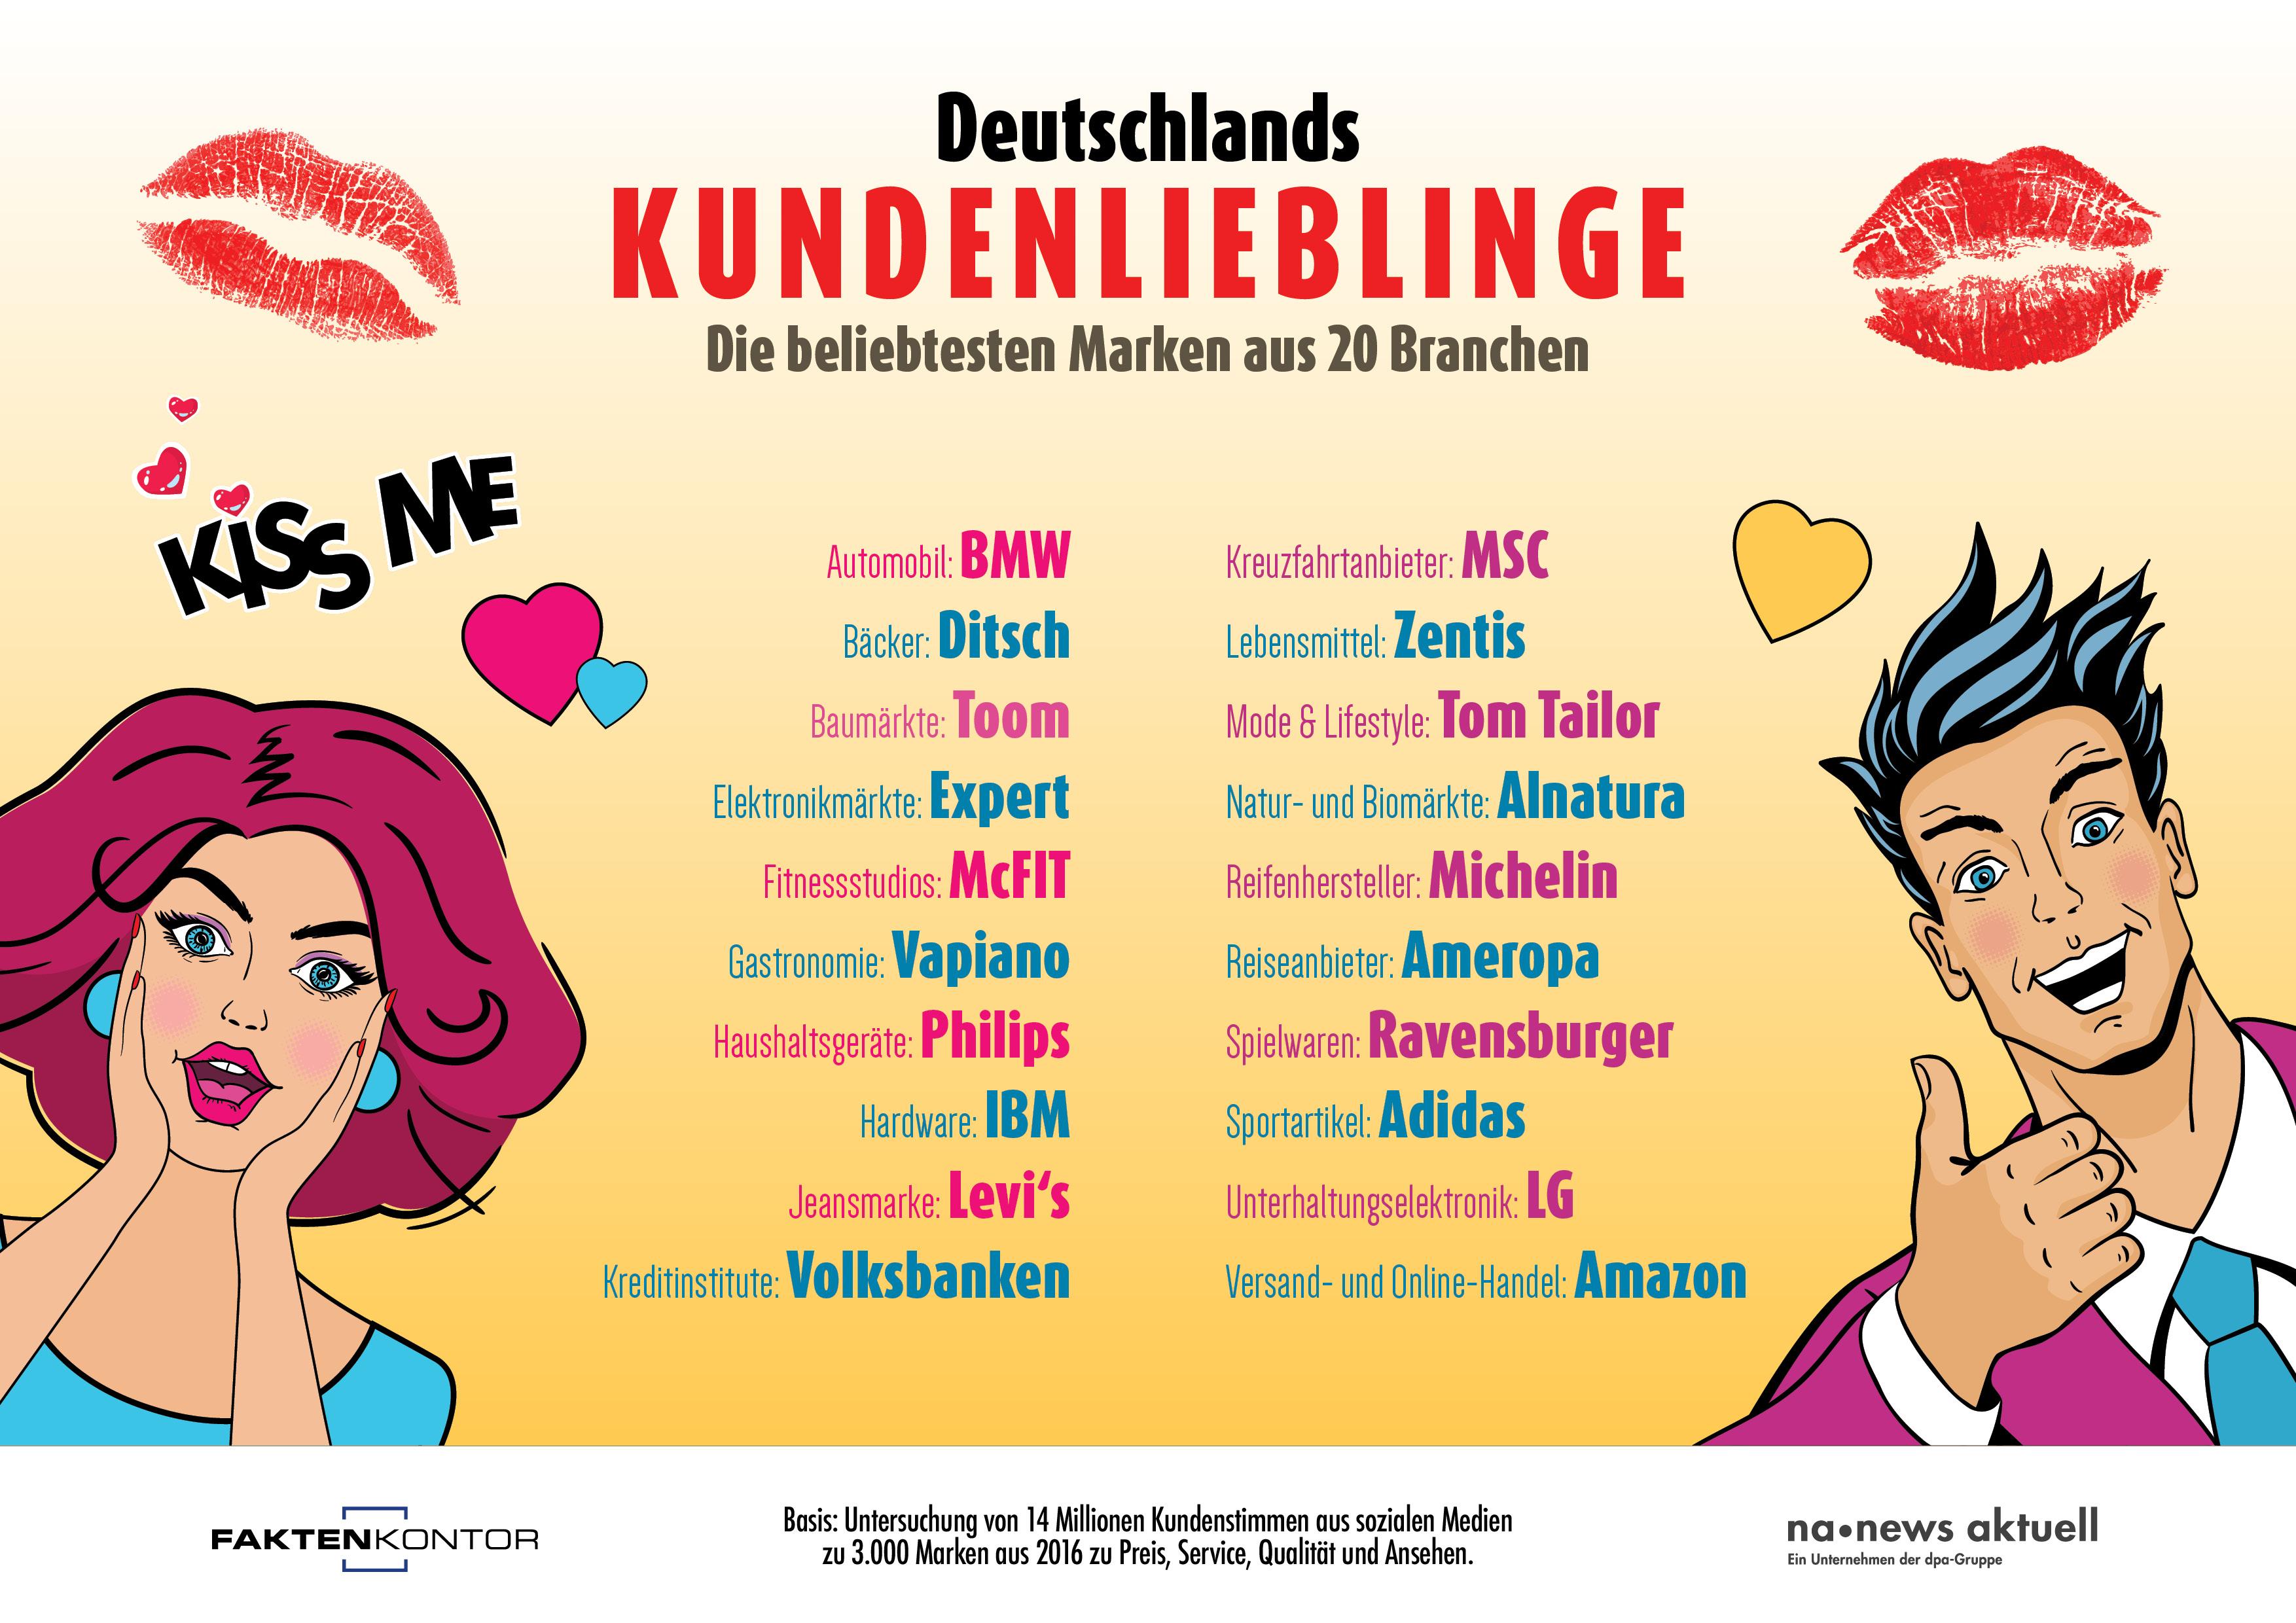 Deutschlands Kundenlieblinge